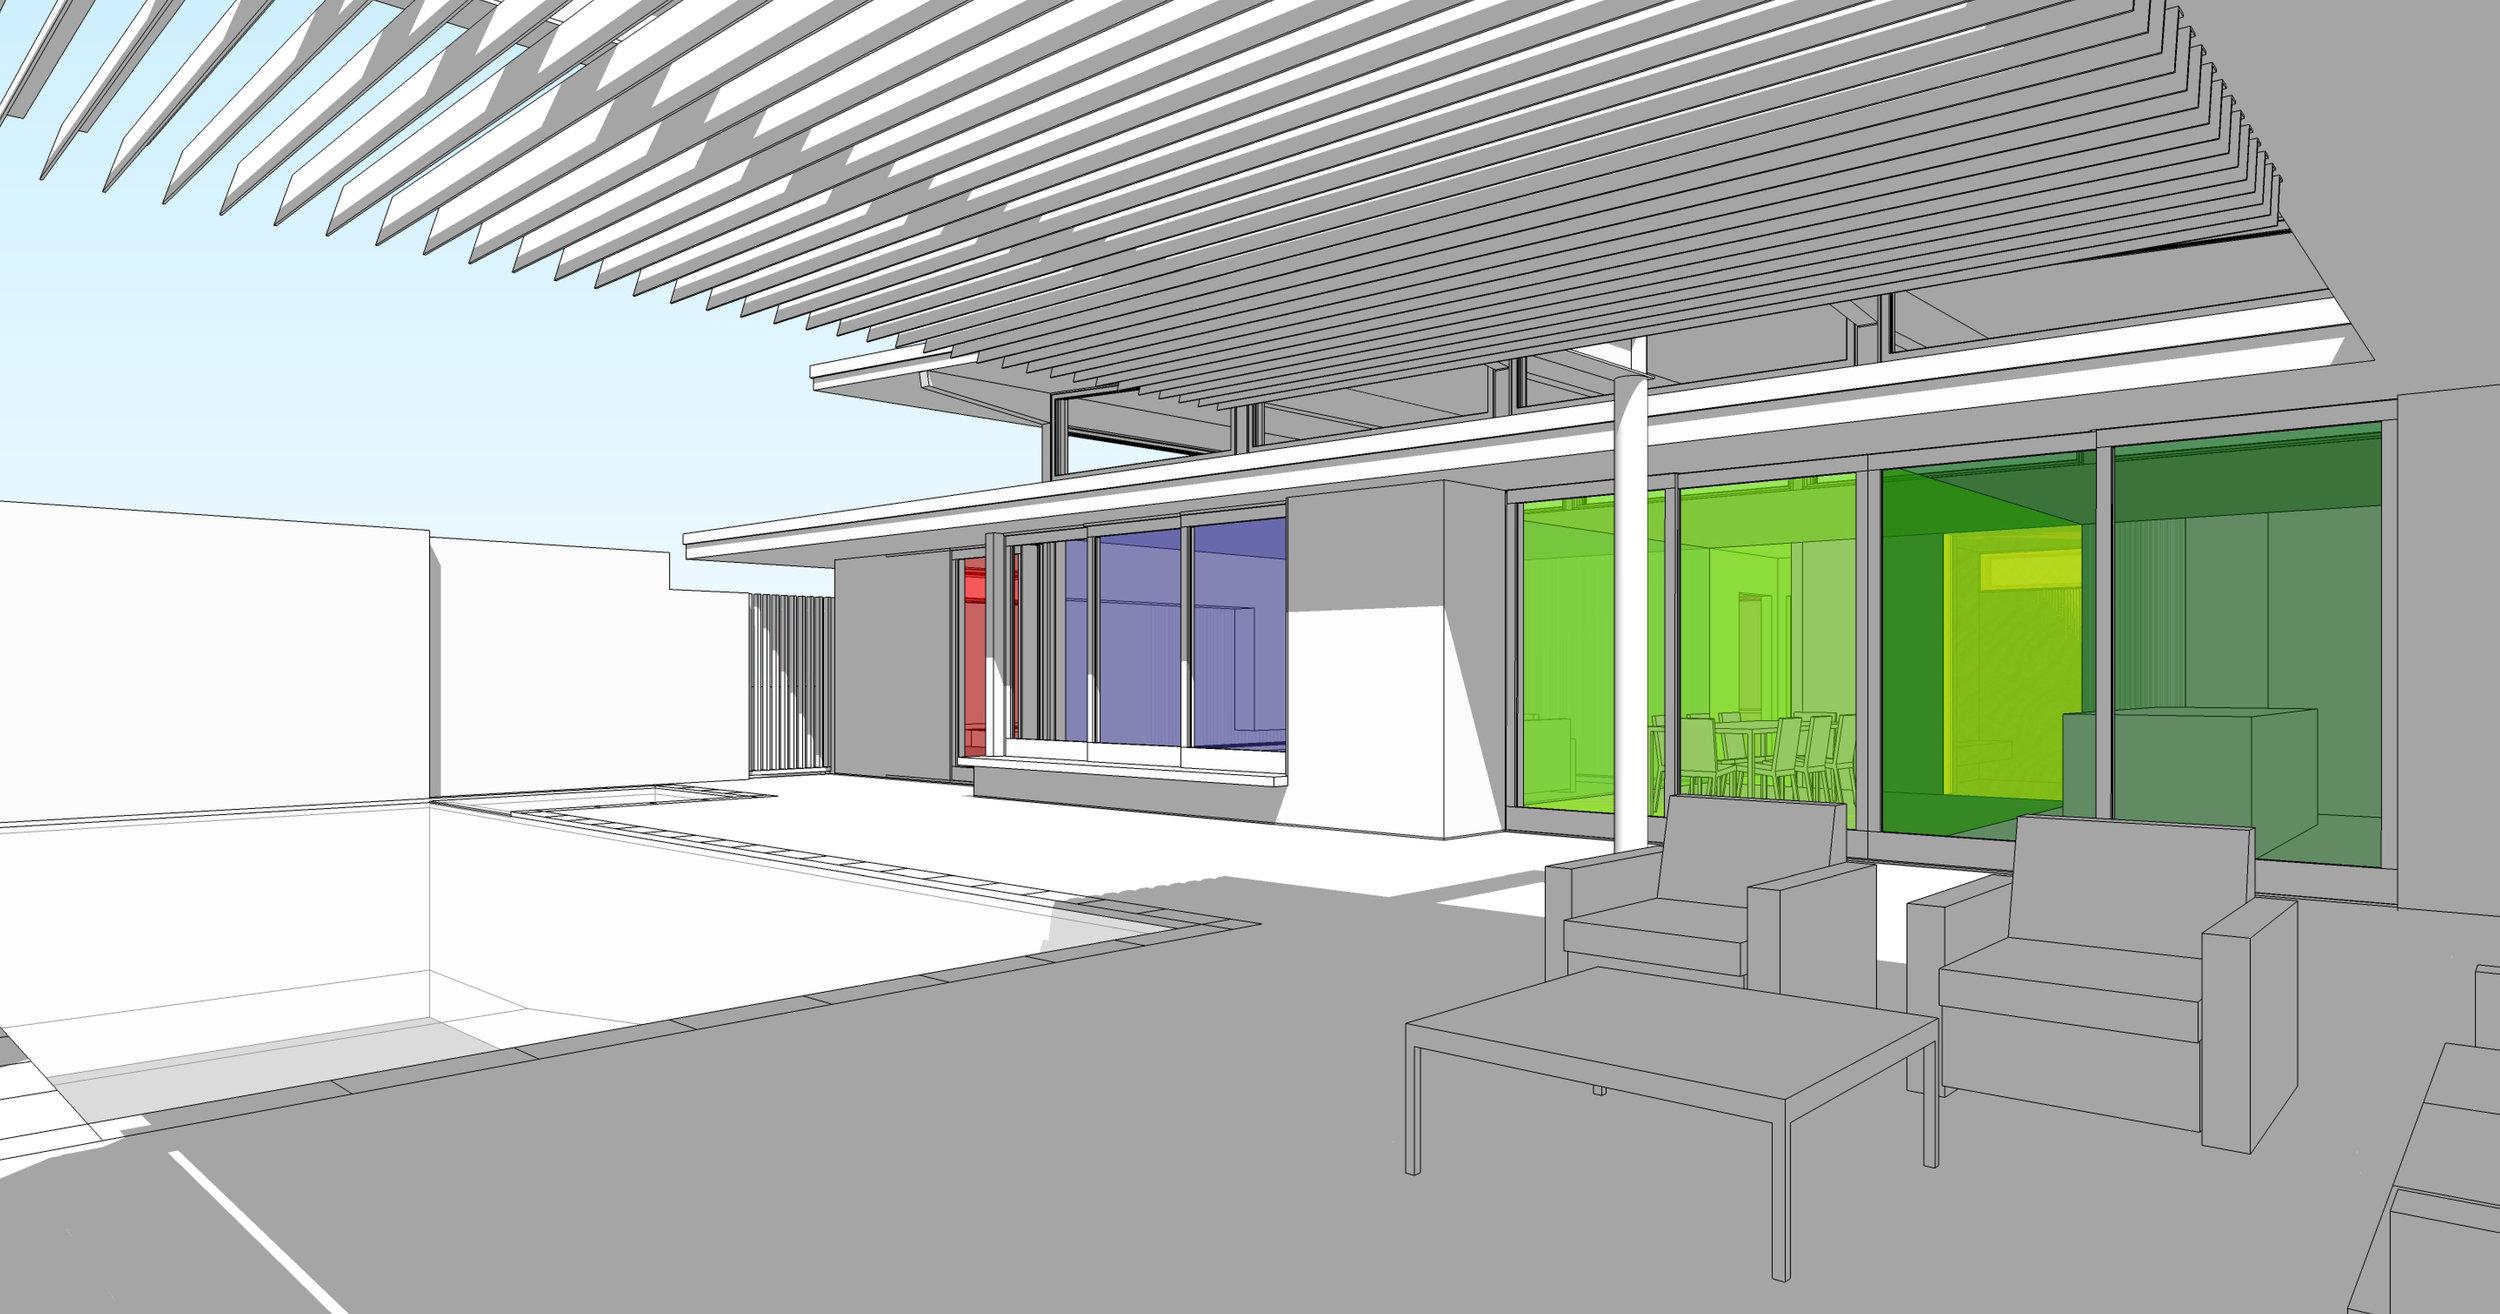 turkel_design_modern_prefab_home_axiomdeserthouse_schematic_design_outdoor_area.jpg